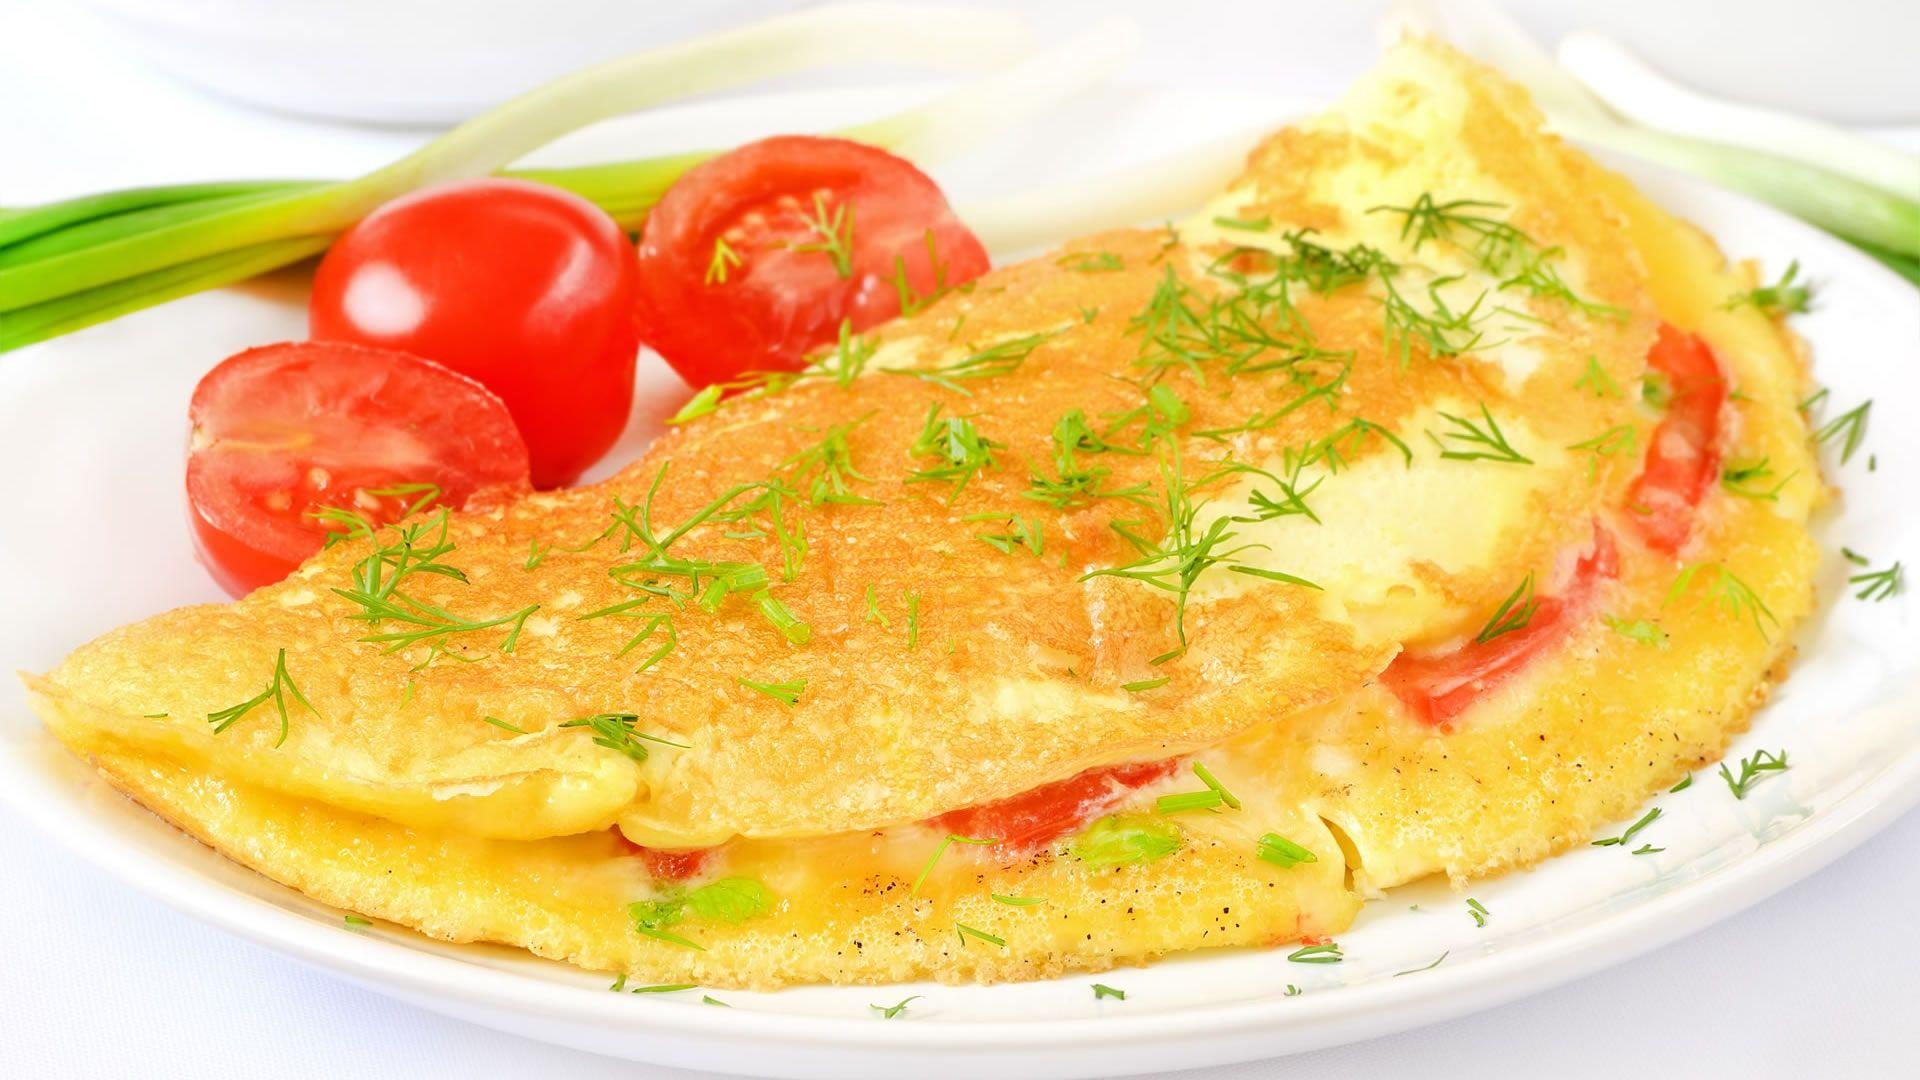 El Desayuno Para Diabã Ticos Tipo 2 Es Quizã S La Comida Mã S Importante Para Quienes Padecen De Esta Enfermedad Sistã Mica Ah Recipes Easy Dinner Easy Meals